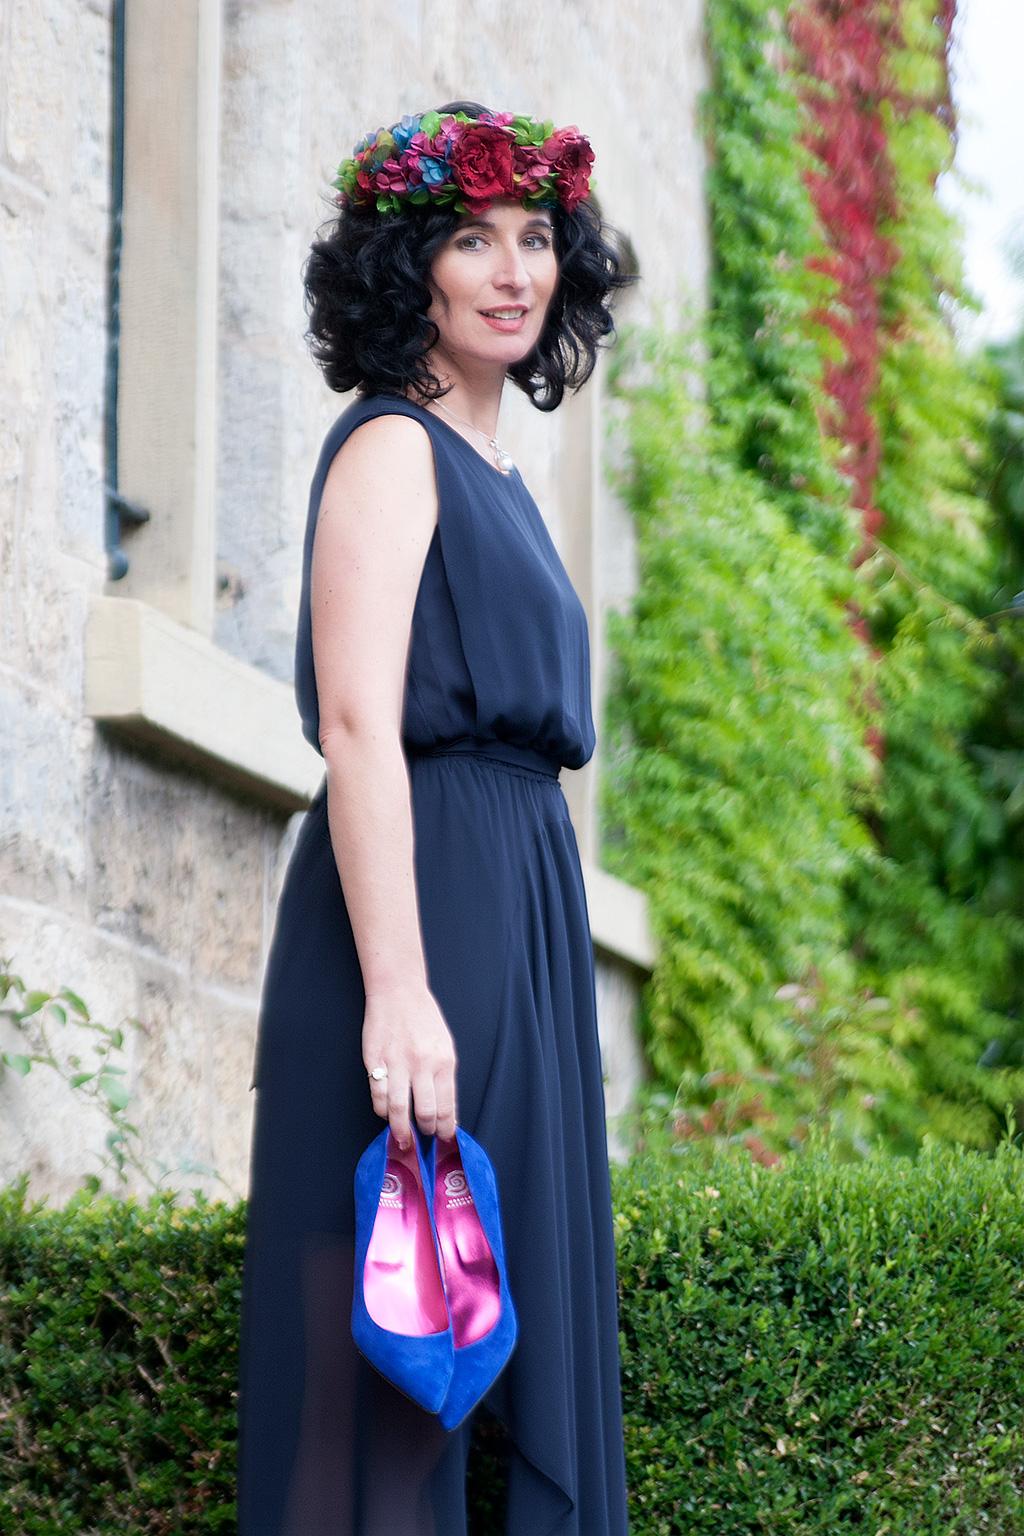 Virginia Errekalde posando para Muselines con vestido de Vuelve Marcela, corona de flores de Endanea Garden y zapatos de Ainhoa Etxeberria - The Shoe Boutique.